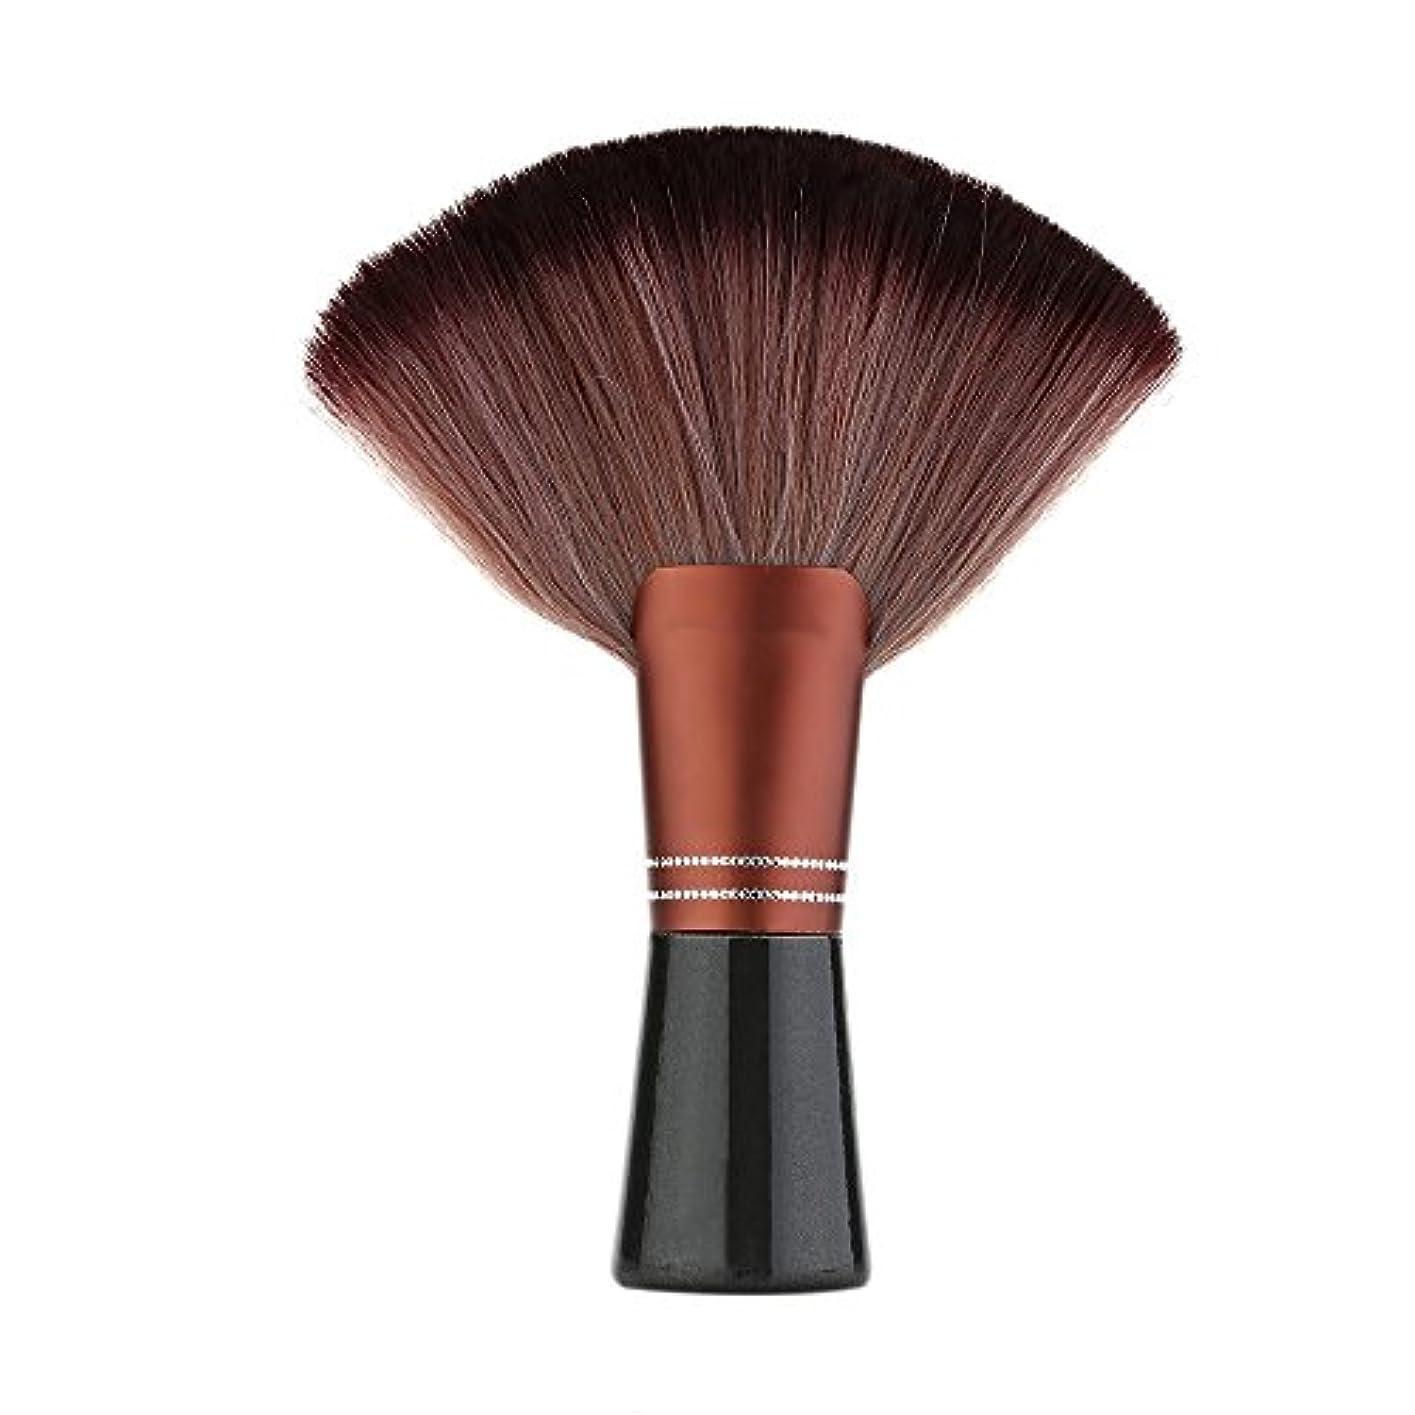 うまれたキルト文法Decdeal 理髪ブラシ ネックブラシ 理髪師 ヘアブラシ 毛払いブラシ 髪切り 散髪用ツール